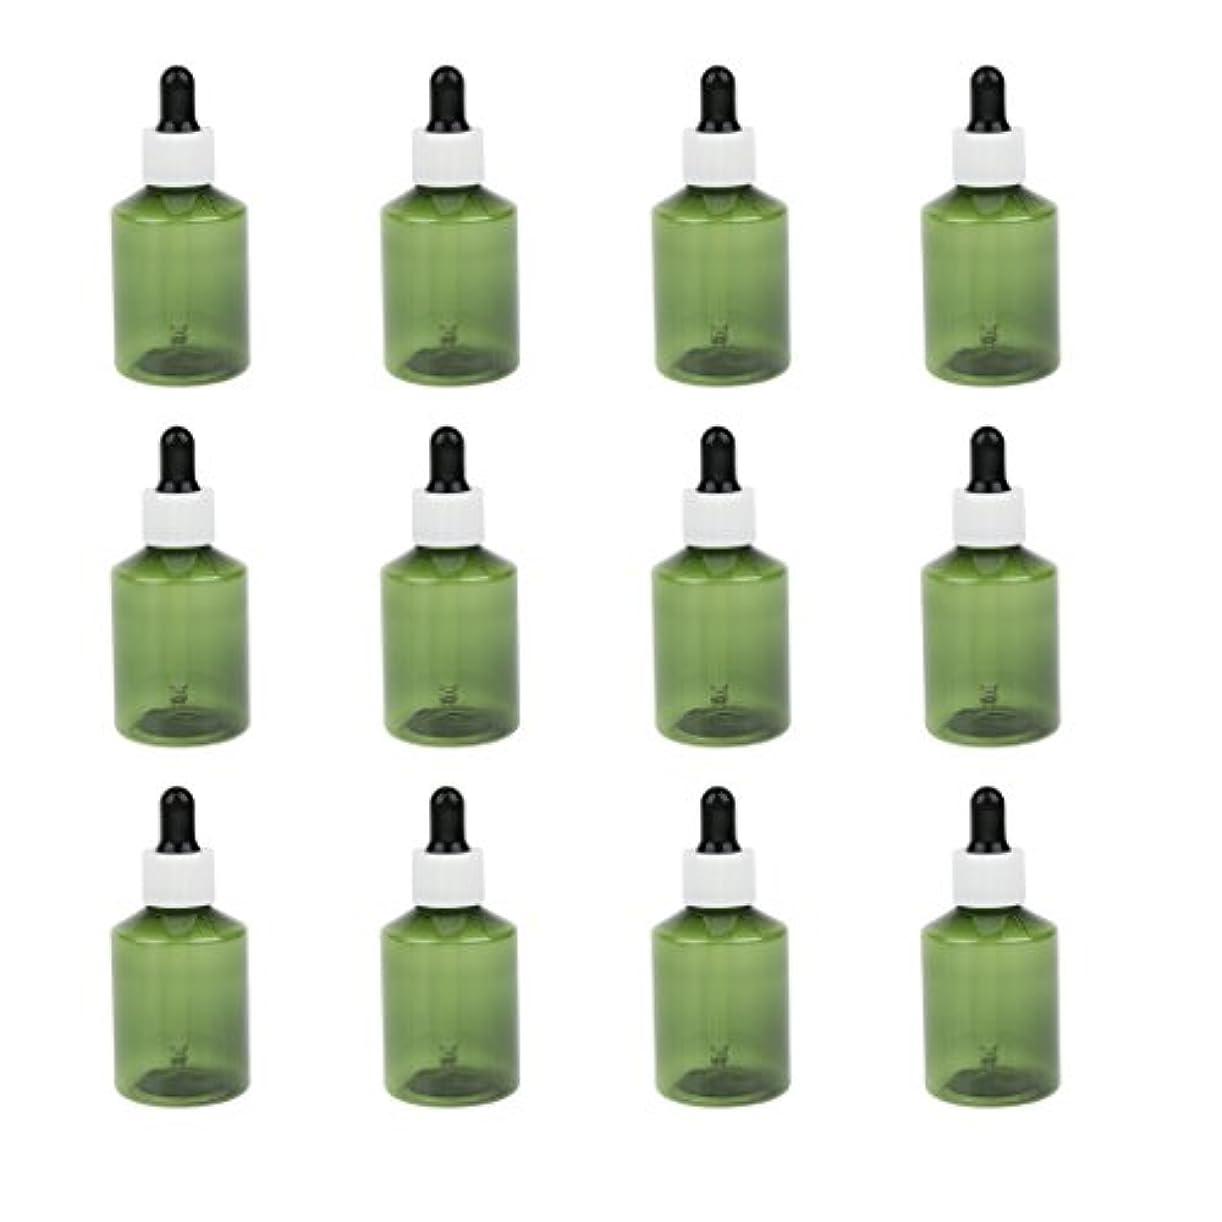 腐った定義不機嫌そうなドロッパーボトル 詰め替え式 点滴びん 50ml エッセンシャルオイル 精油 6仕様選べ - ホワイトキャップブラックドロッパー